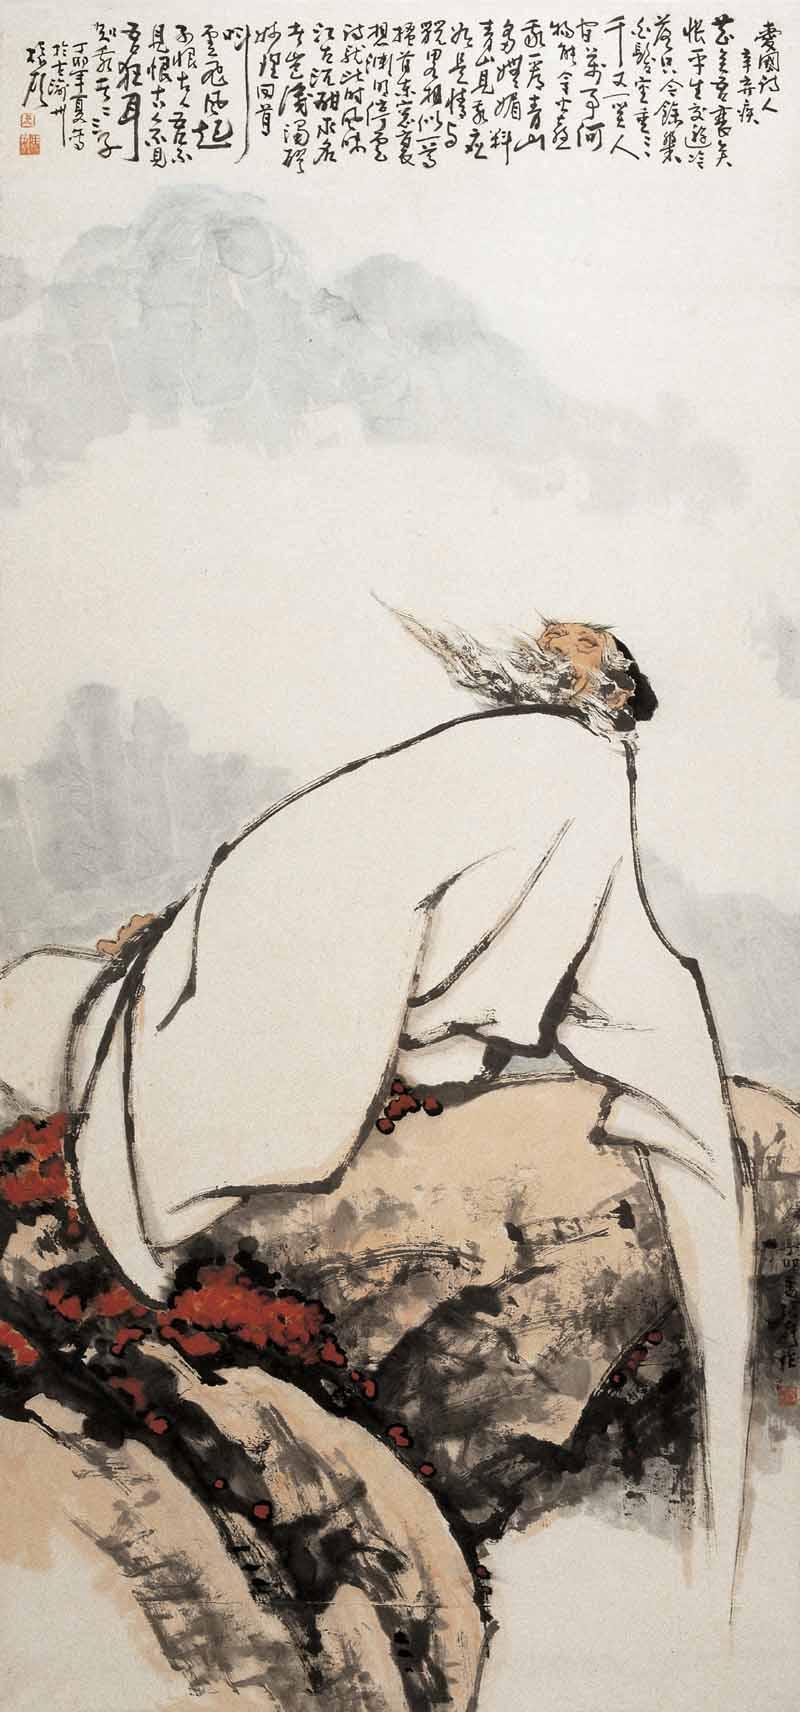 《爱国诗人辛弃疾》198x103cm 1982年